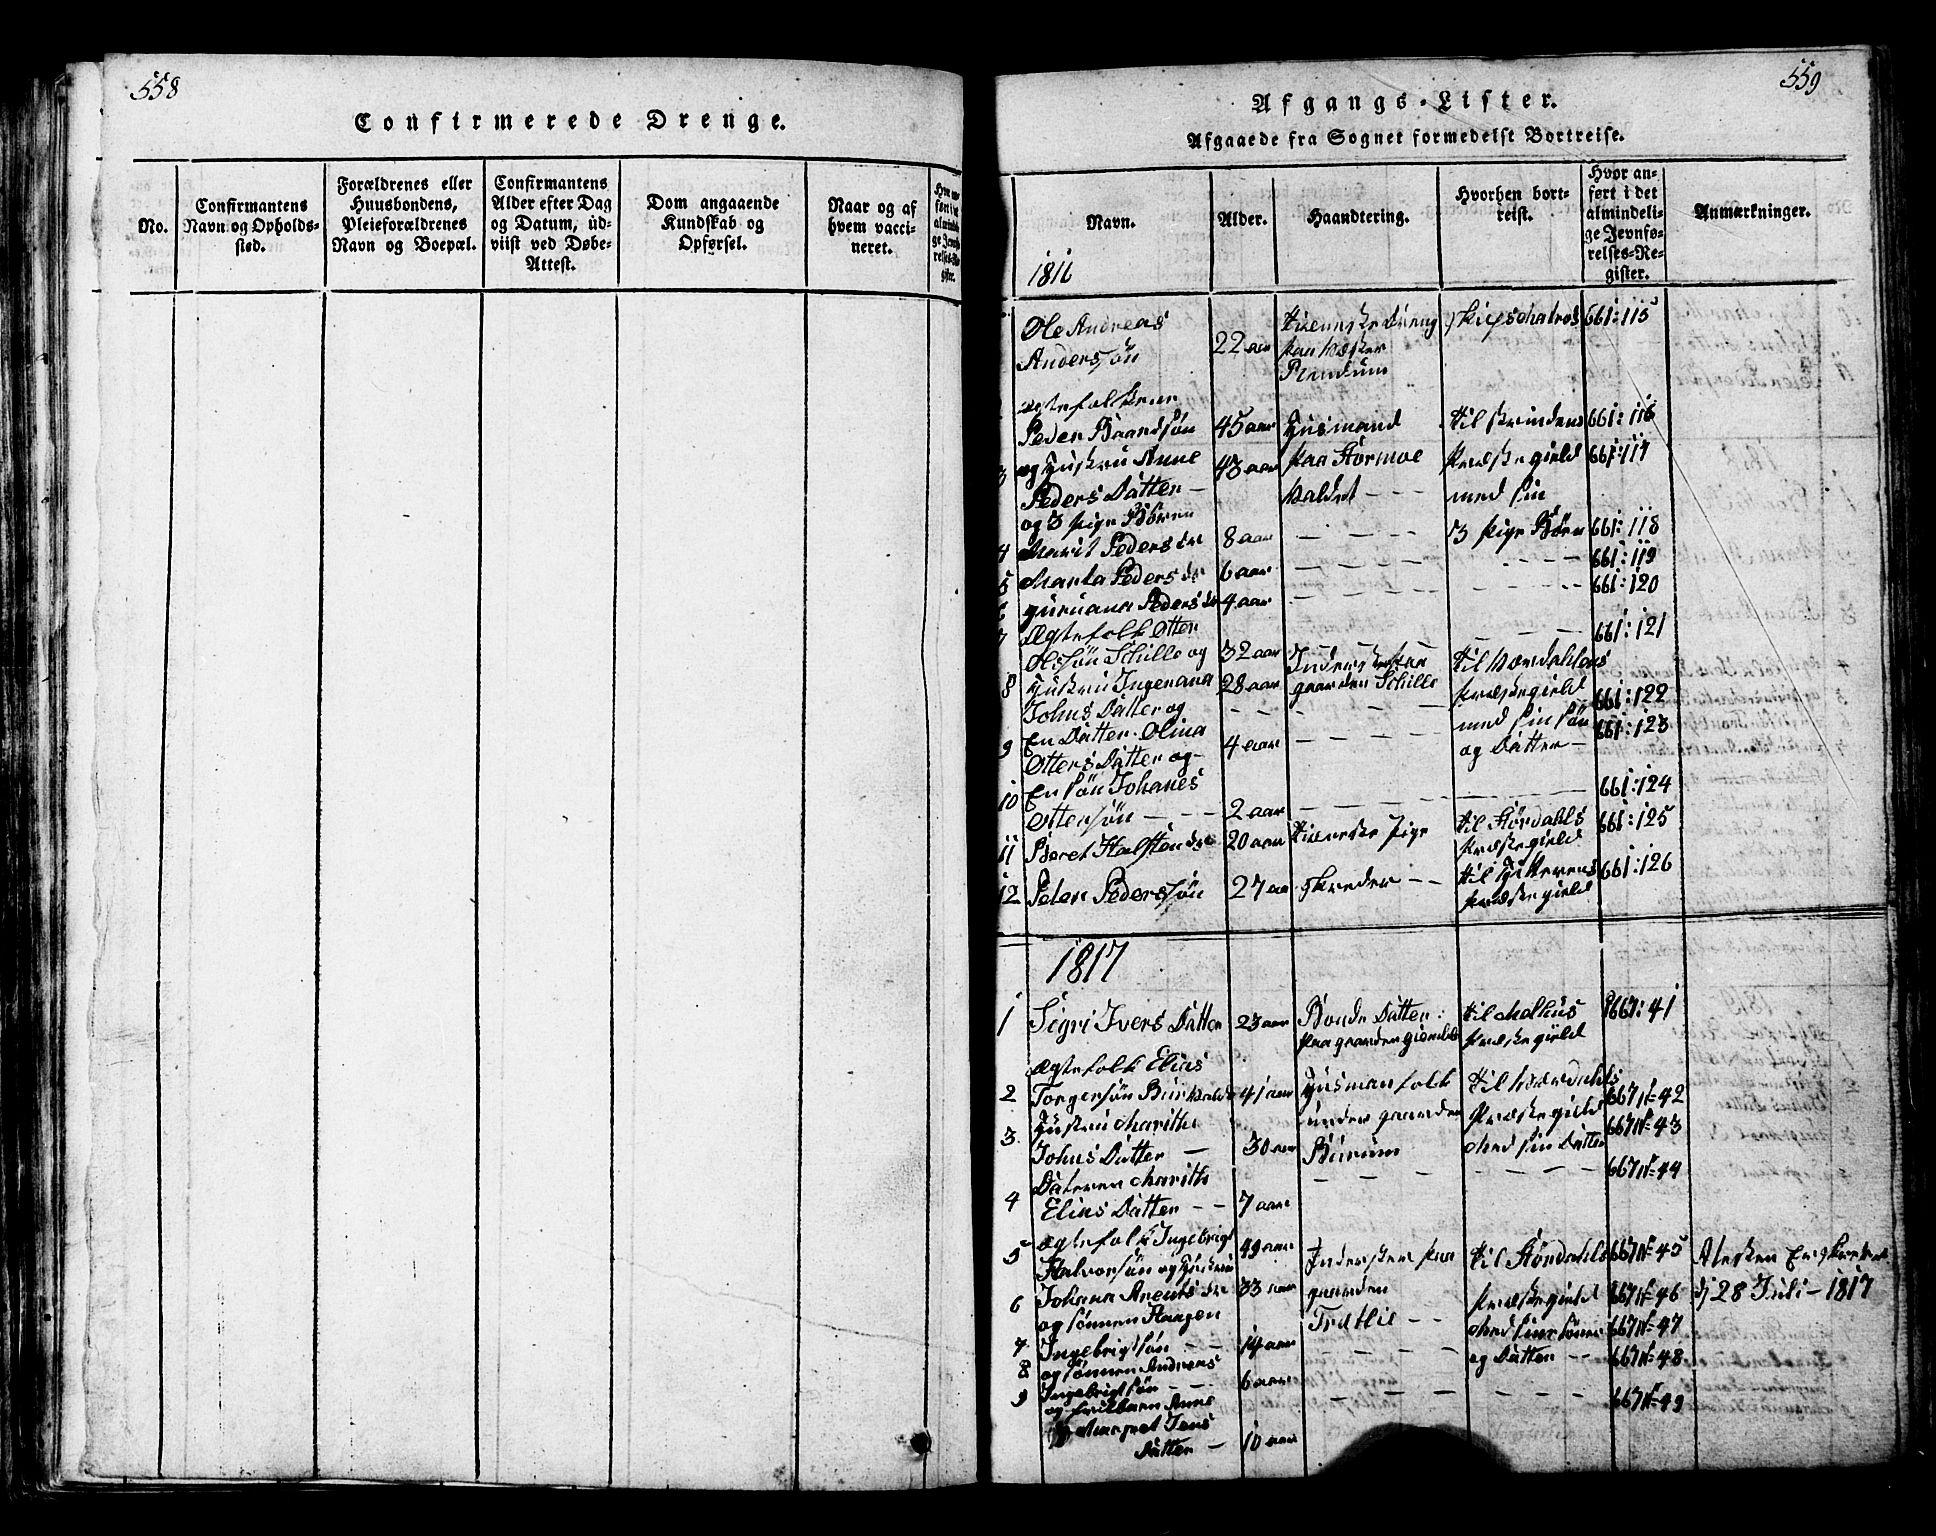 SAT, Ministerialprotokoller, klokkerbøker og fødselsregistre - Nord-Trøndelag, 717/L0169: Klokkerbok nr. 717C01, 1816-1834, s. 558-559